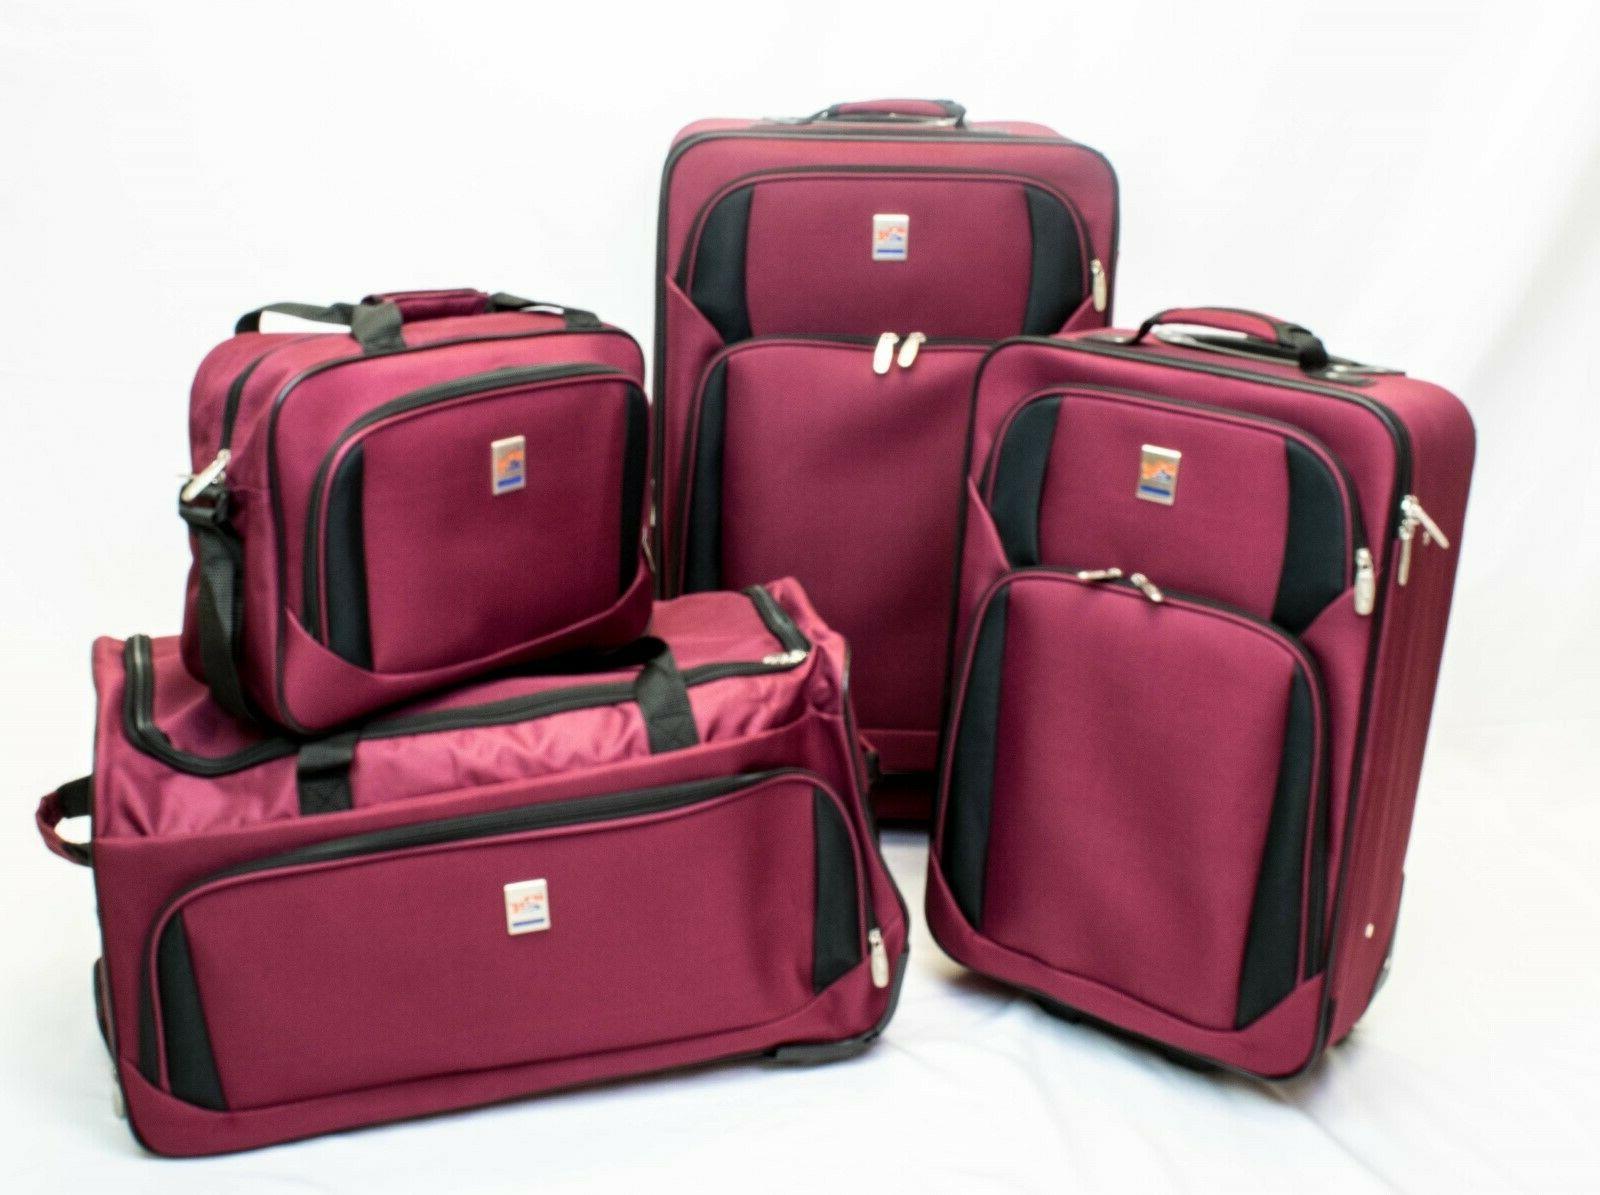 4pcs luggage set